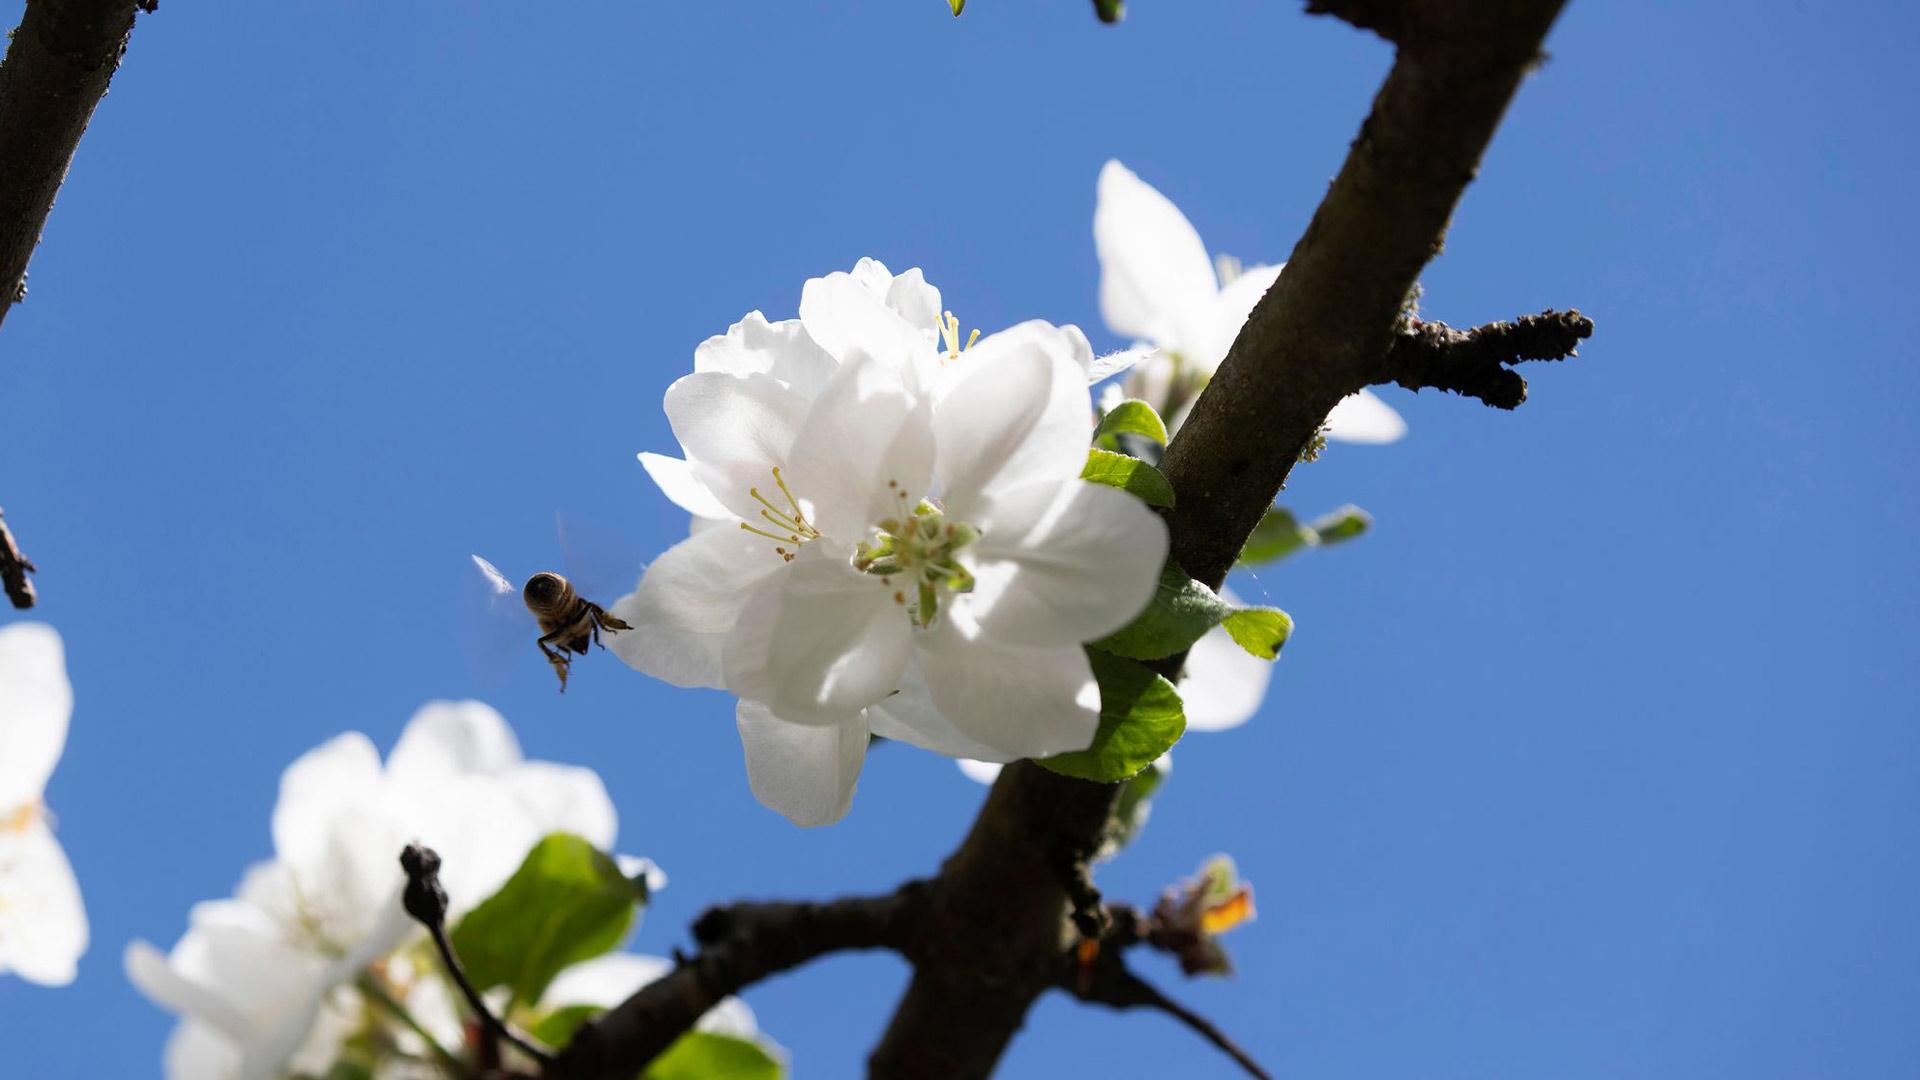 Niemelän pihan omenapuun kukille riitti kesäkuun alussa pölyttäjiä.